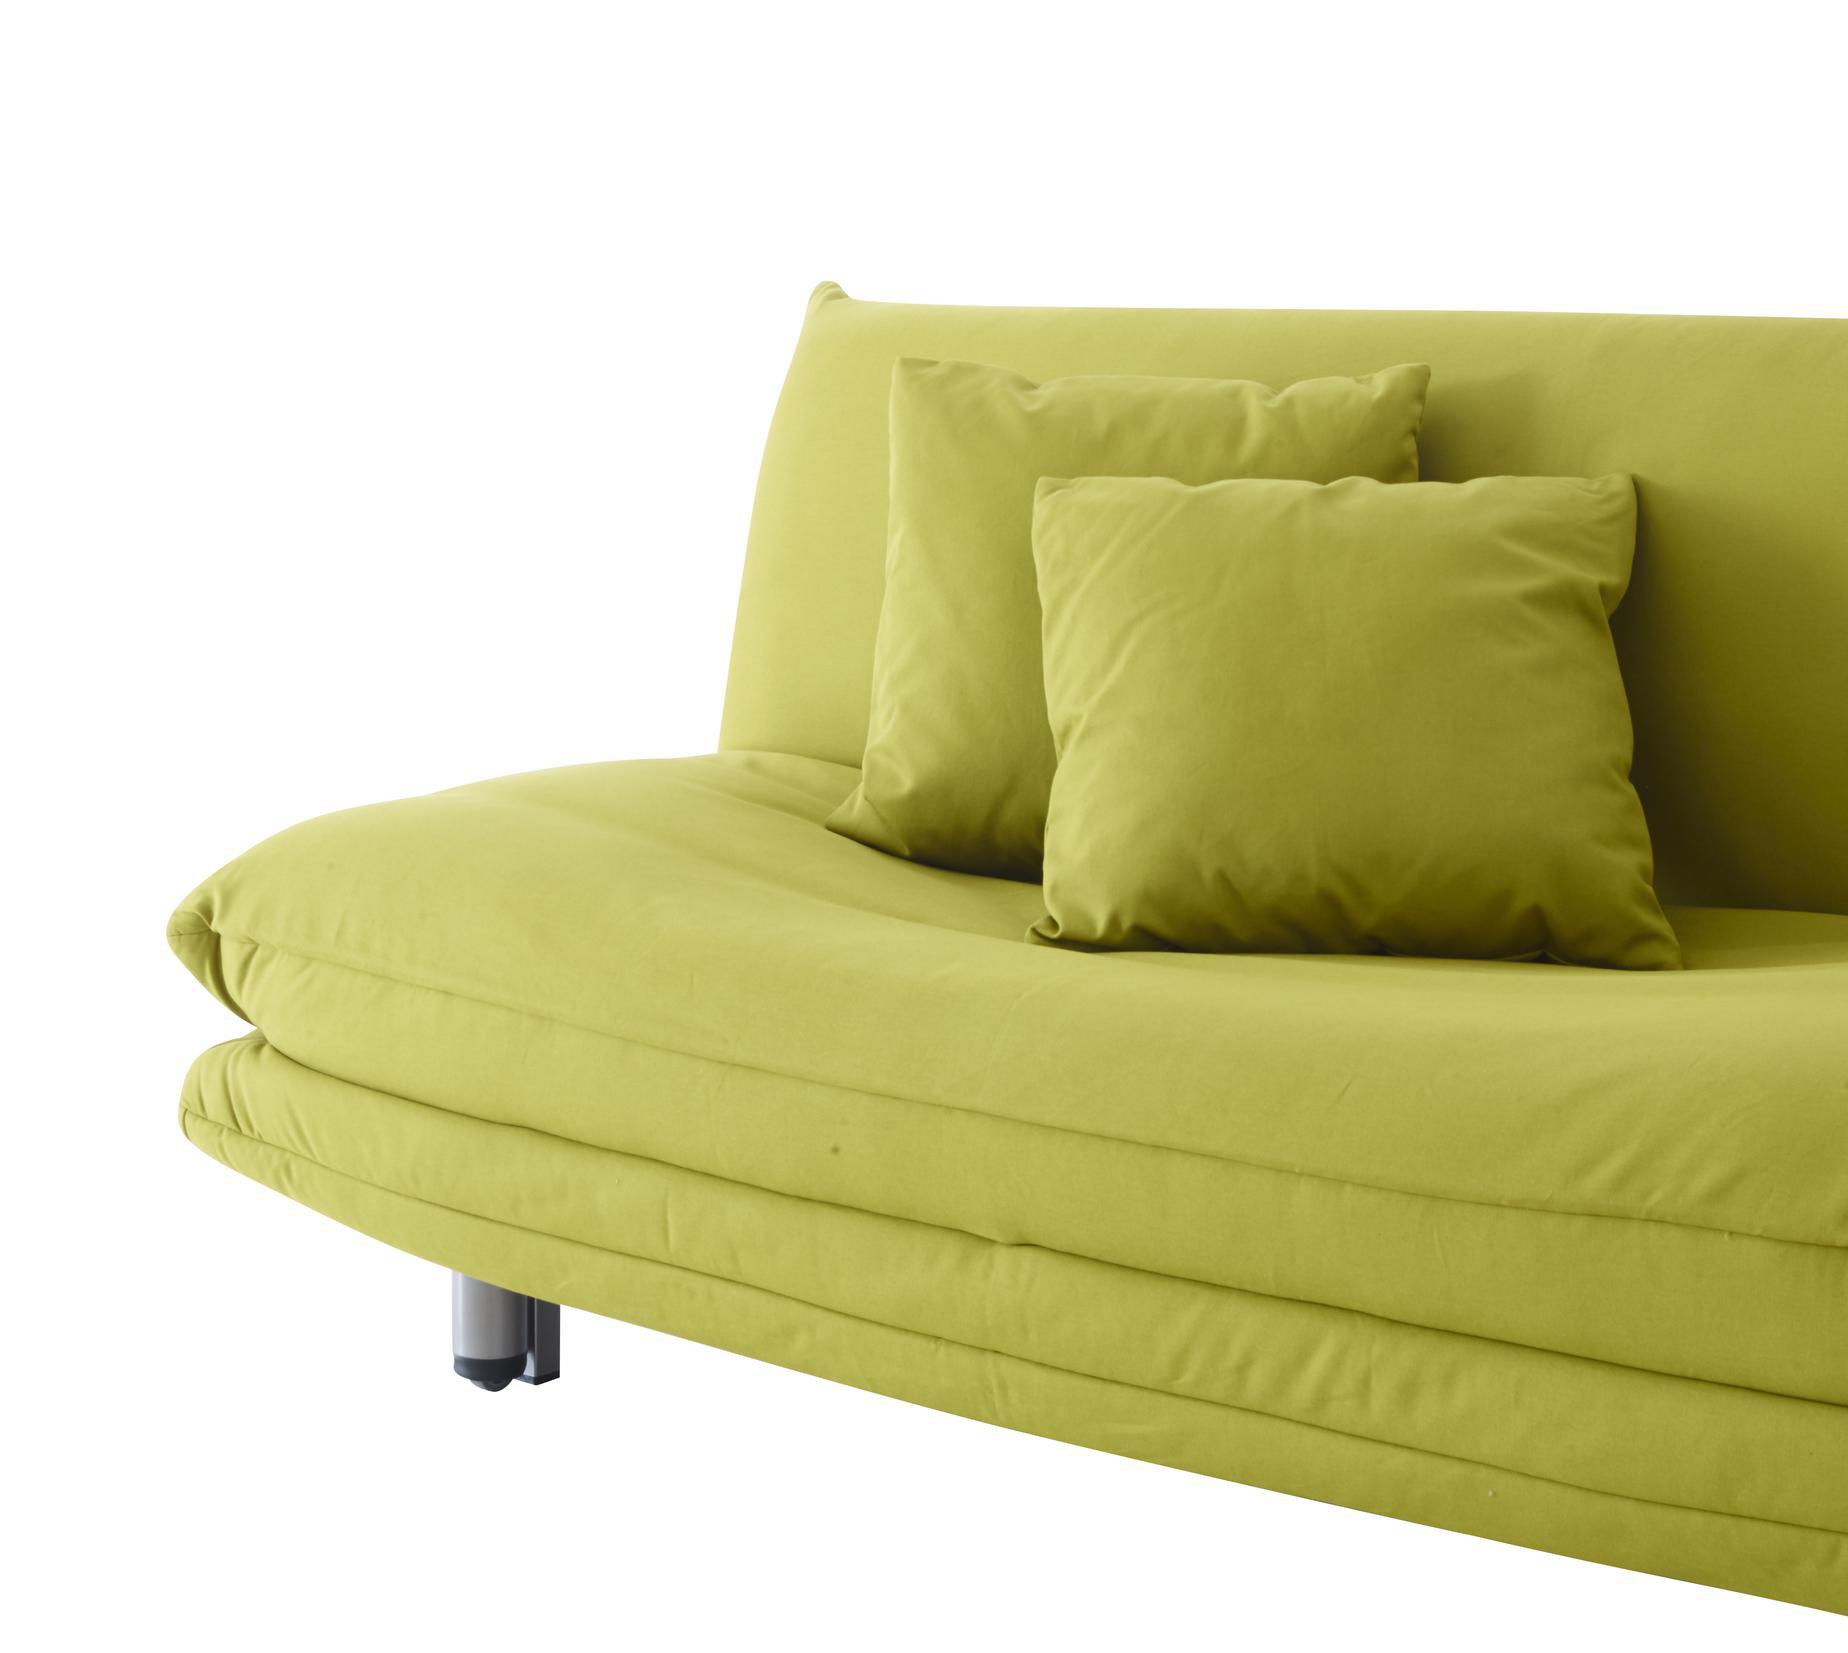 schlafsofa nach vorne ausziehbar latest bali flexa mit bettsofa mit stoff leder with schlafsofa. Black Bedroom Furniture Sets. Home Design Ideas